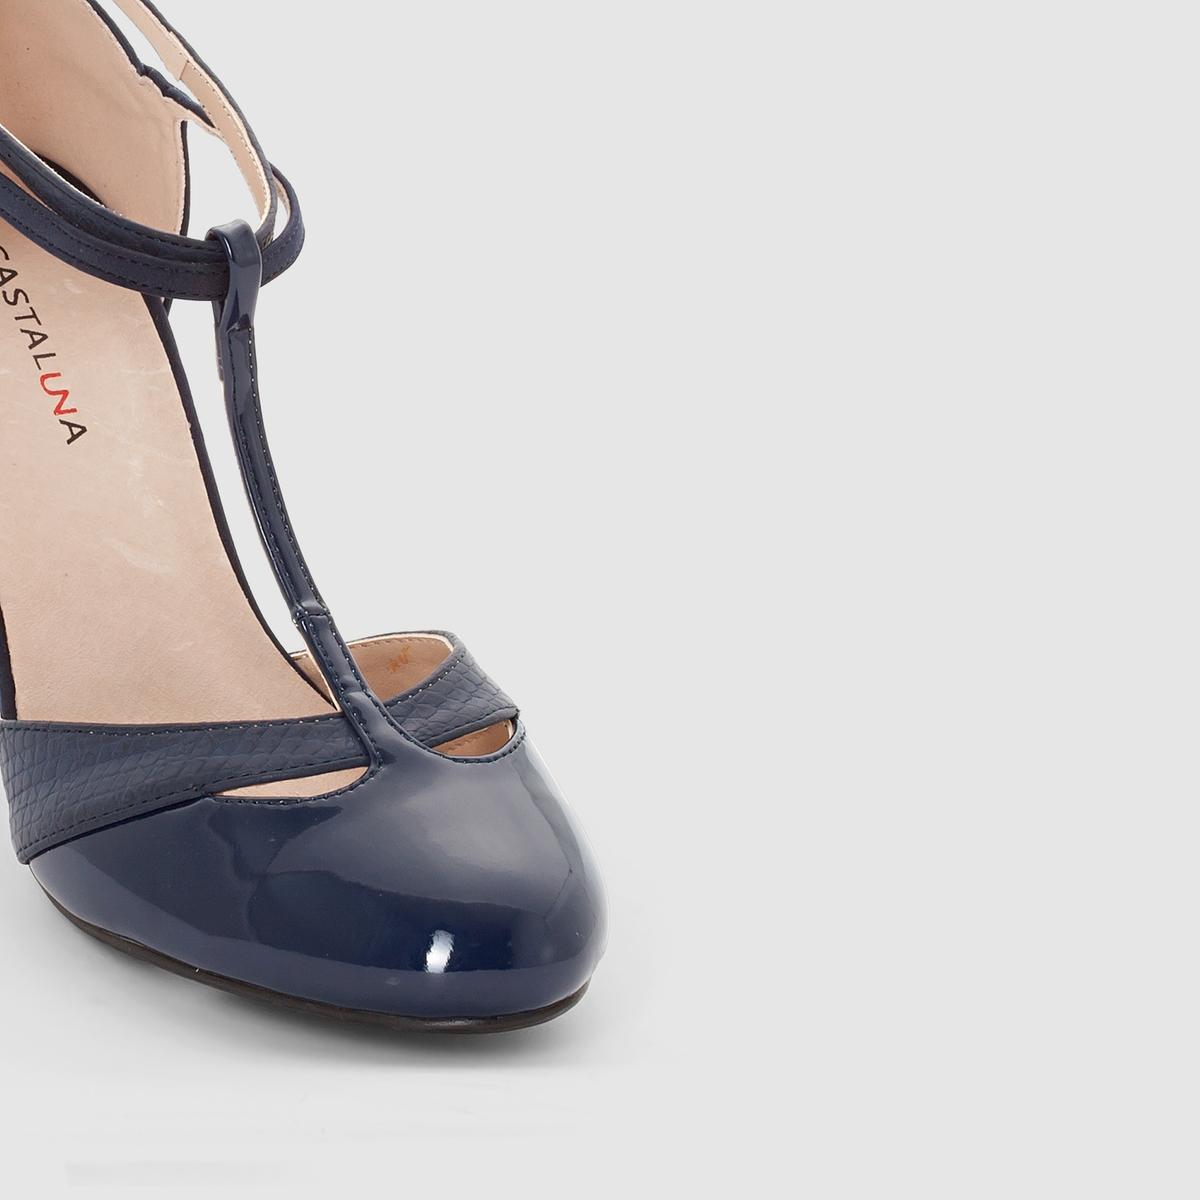 Туфли на каблукеМарка : CASTALUNAПодходит : для широкой стопы.Верх : искусственная замша, лакированная синтетика под кожу питона.Подкладка : синтетикаСтелька : кожа.Подошва : из эластомера .Каблук  : 8,5 см.Преимущества : Идеальны для повседневной одежды.<br><br>Цвет: серо-коричневый,синий морской<br>Размер: 41